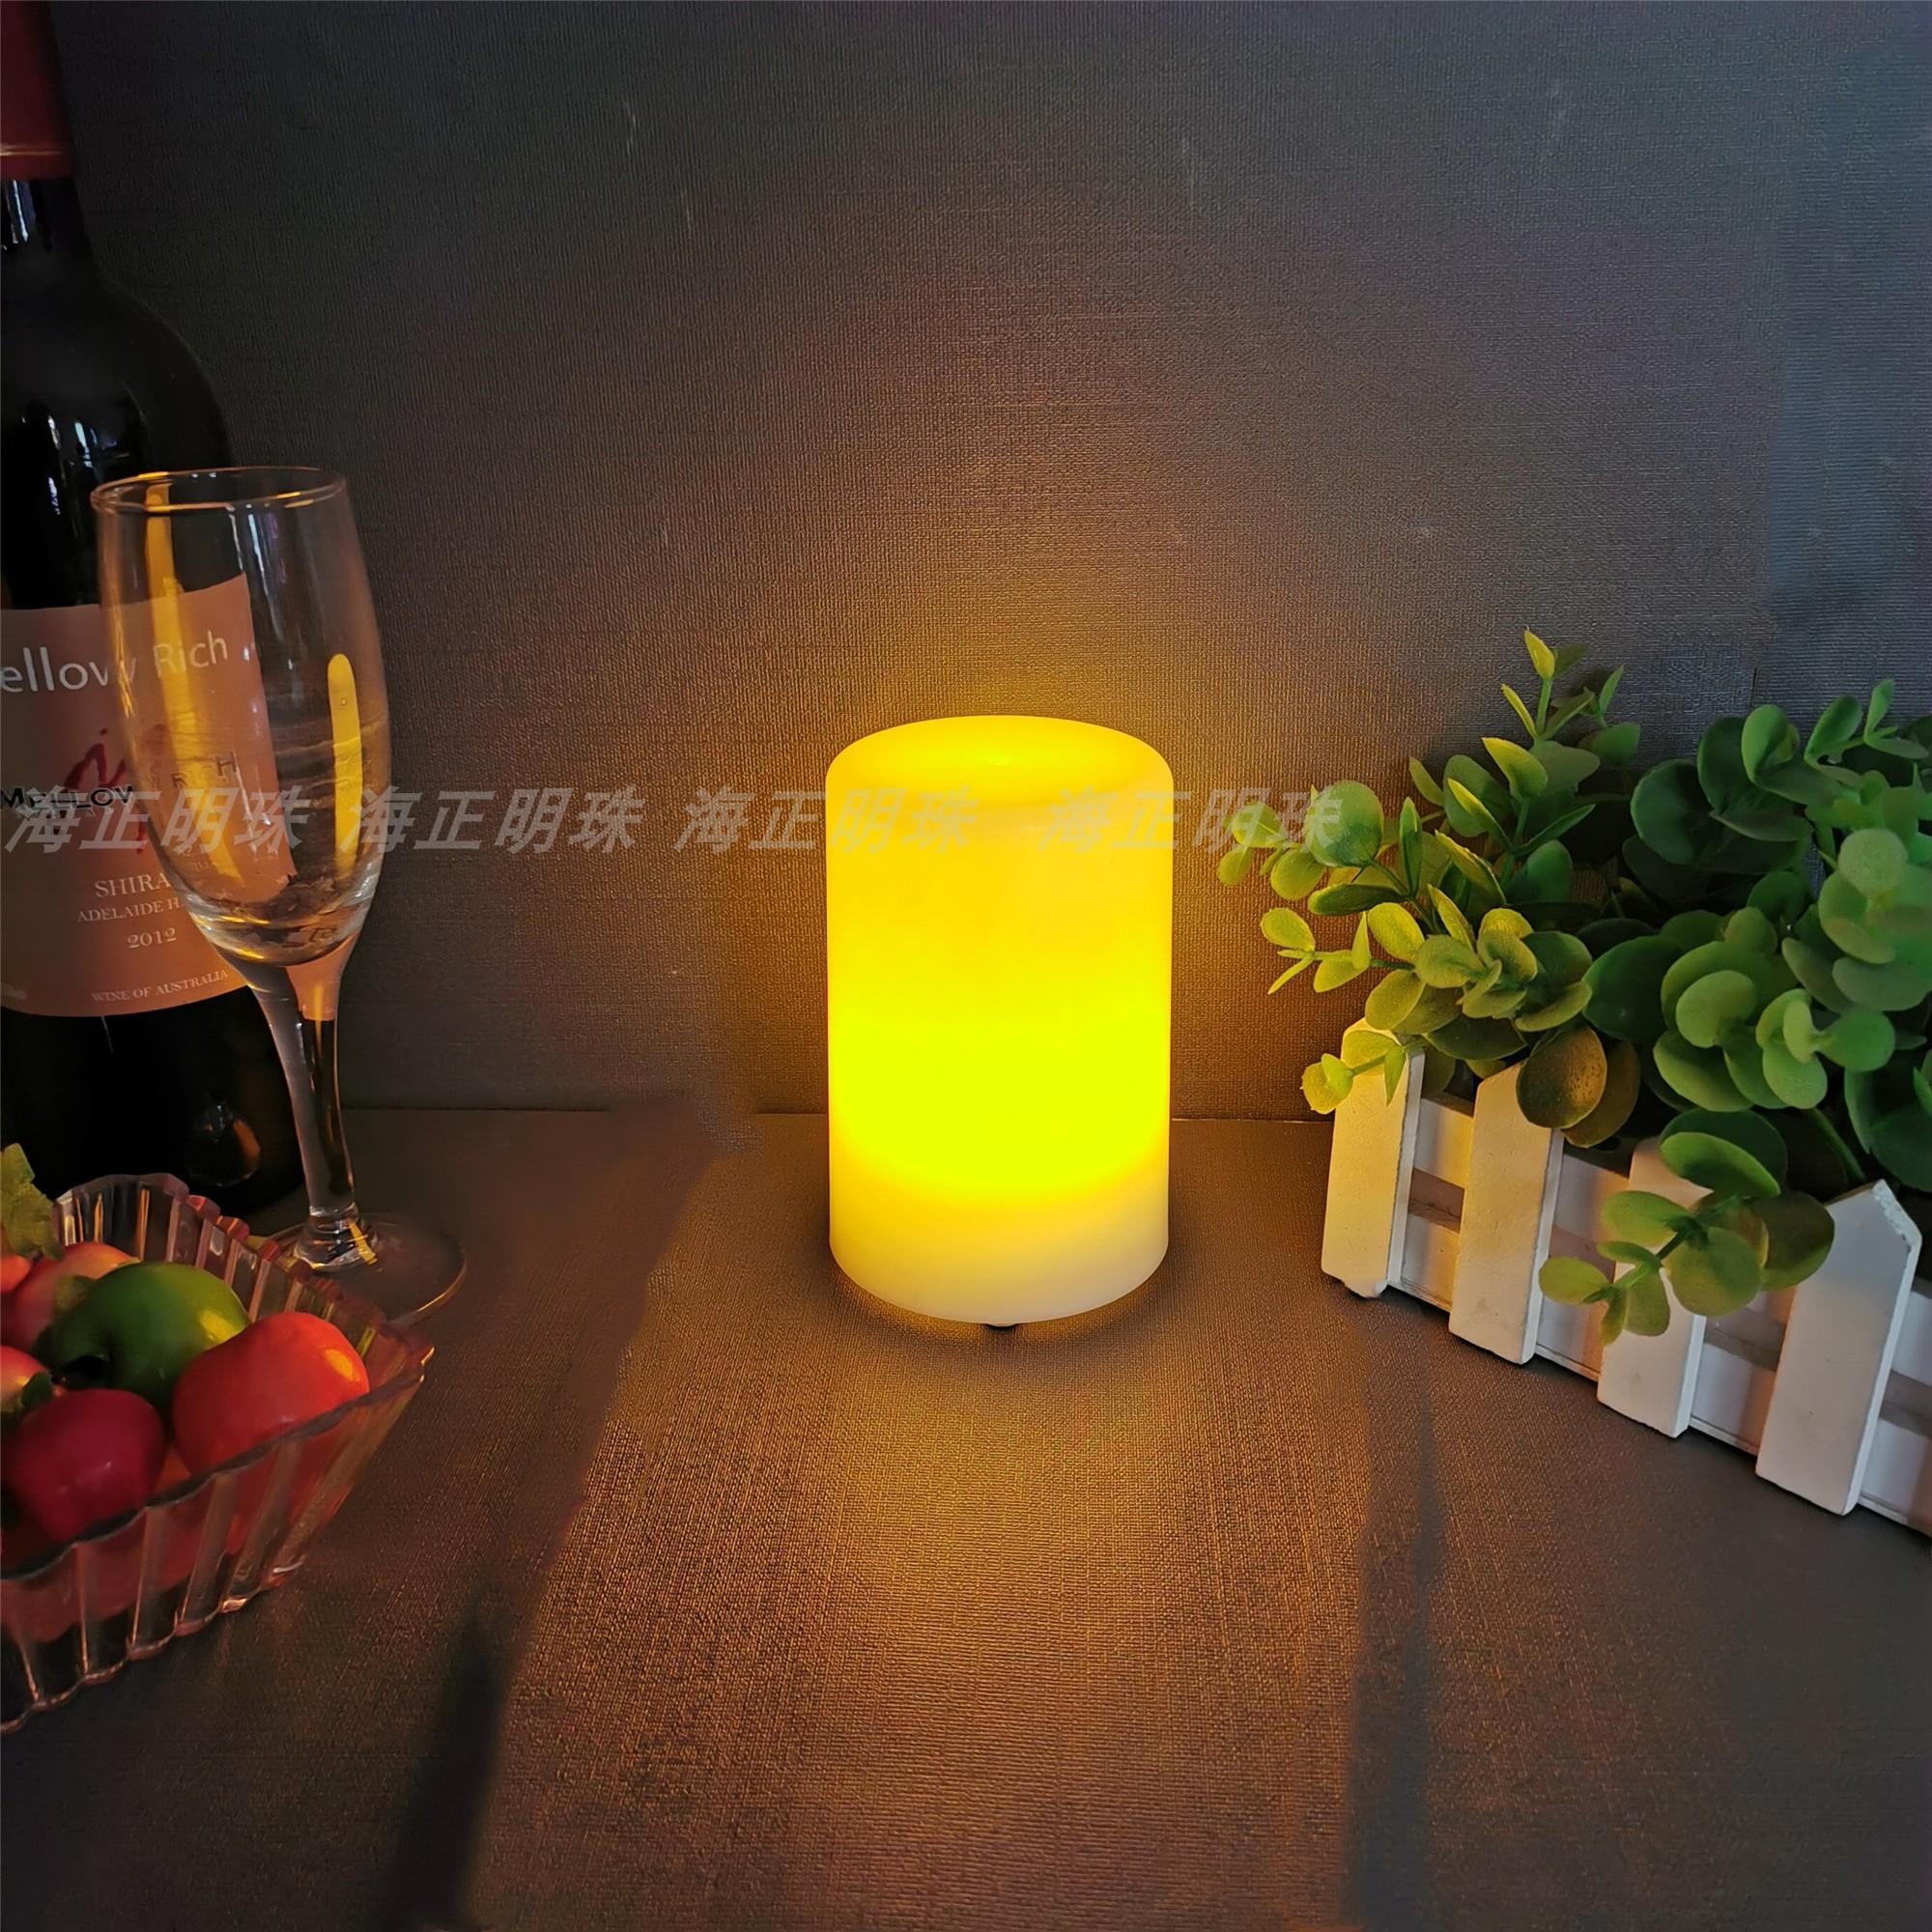 酒吧台灯充电餐厅户外桌灯咖啡厅装饰桌面小夜灯 led 创意新款复古